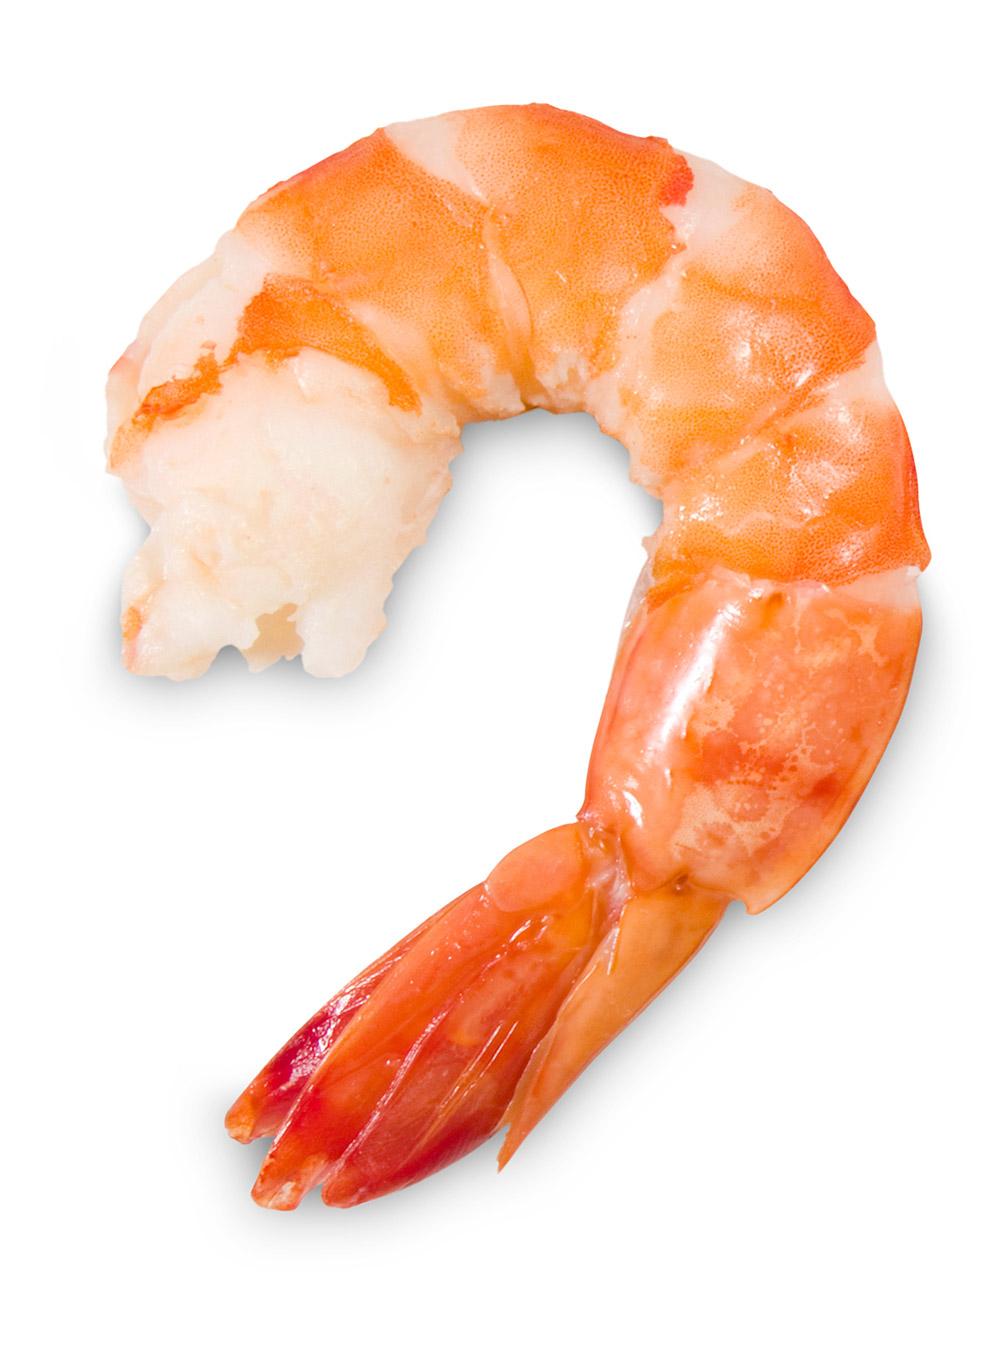 Linguinis aux fruits de mer | ricardo